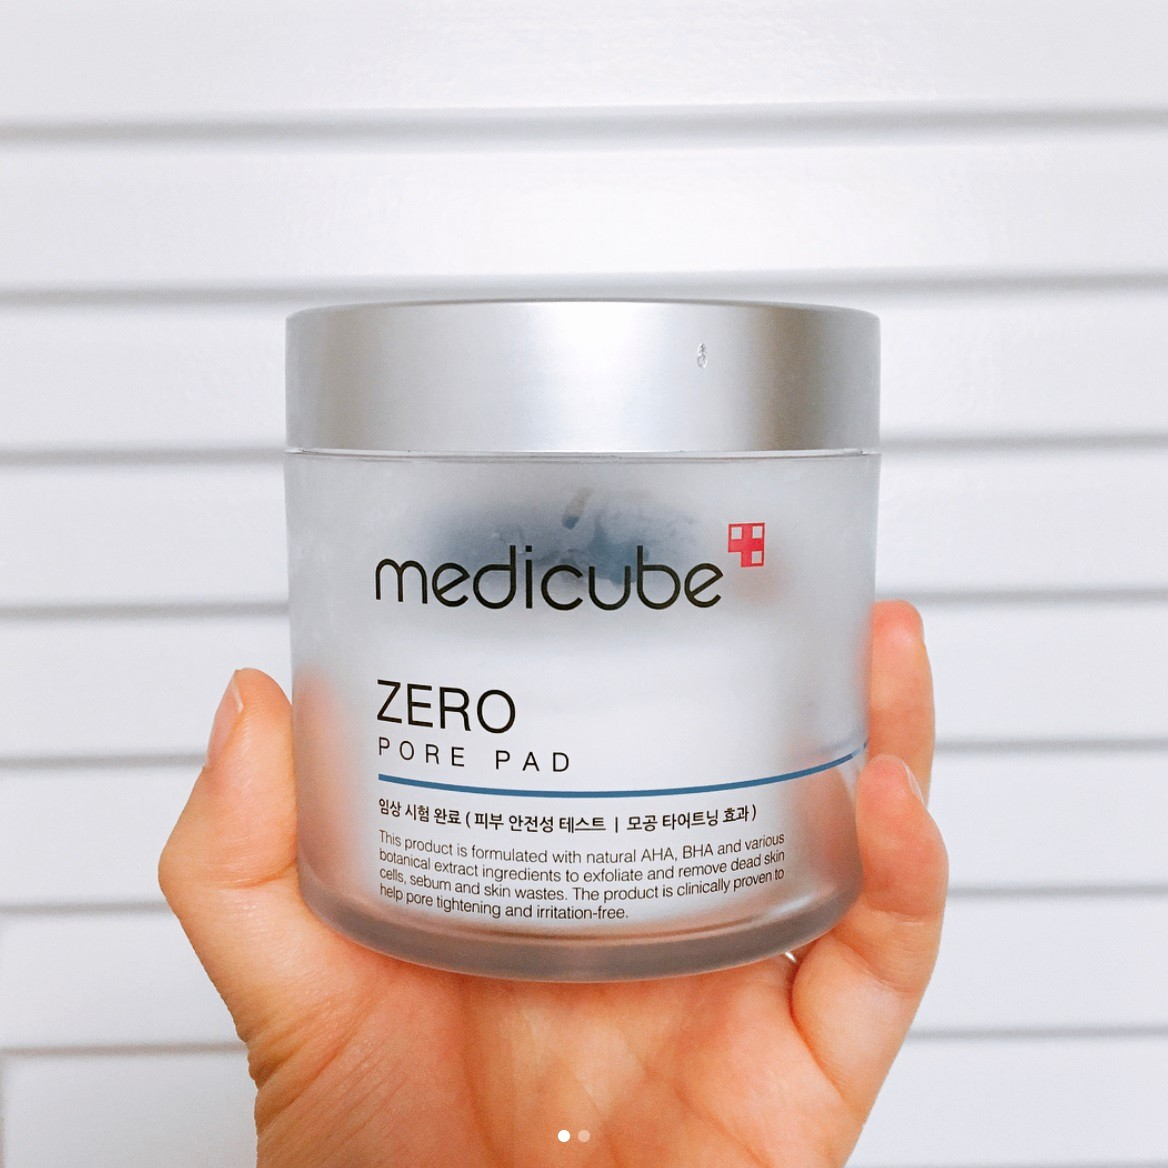 這罐Medicube Zero 毛孔角質爽膚棉其實裡面有很多片潔膚棉片,使用起來也非常簡單,只需要把棉片拿起來清潔肌膚就好啦!